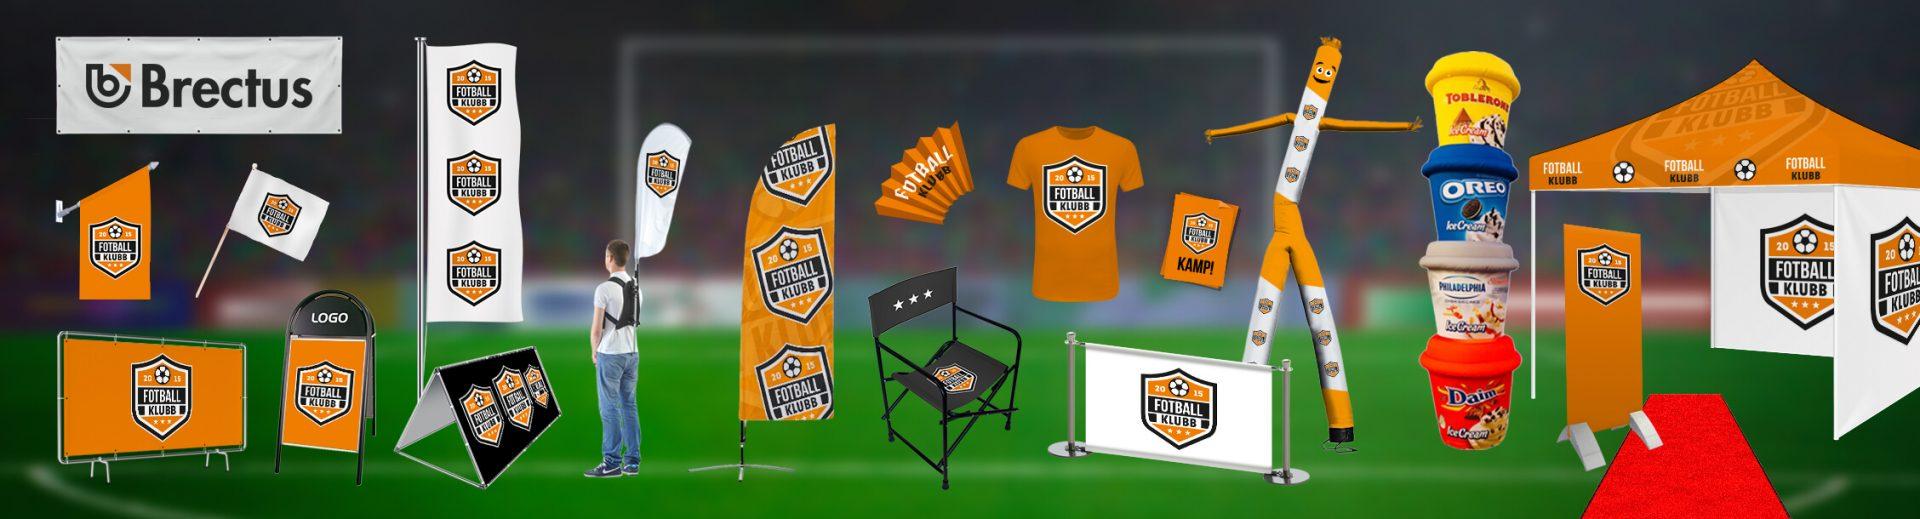 Football Stadium Brectus Arena Advertising